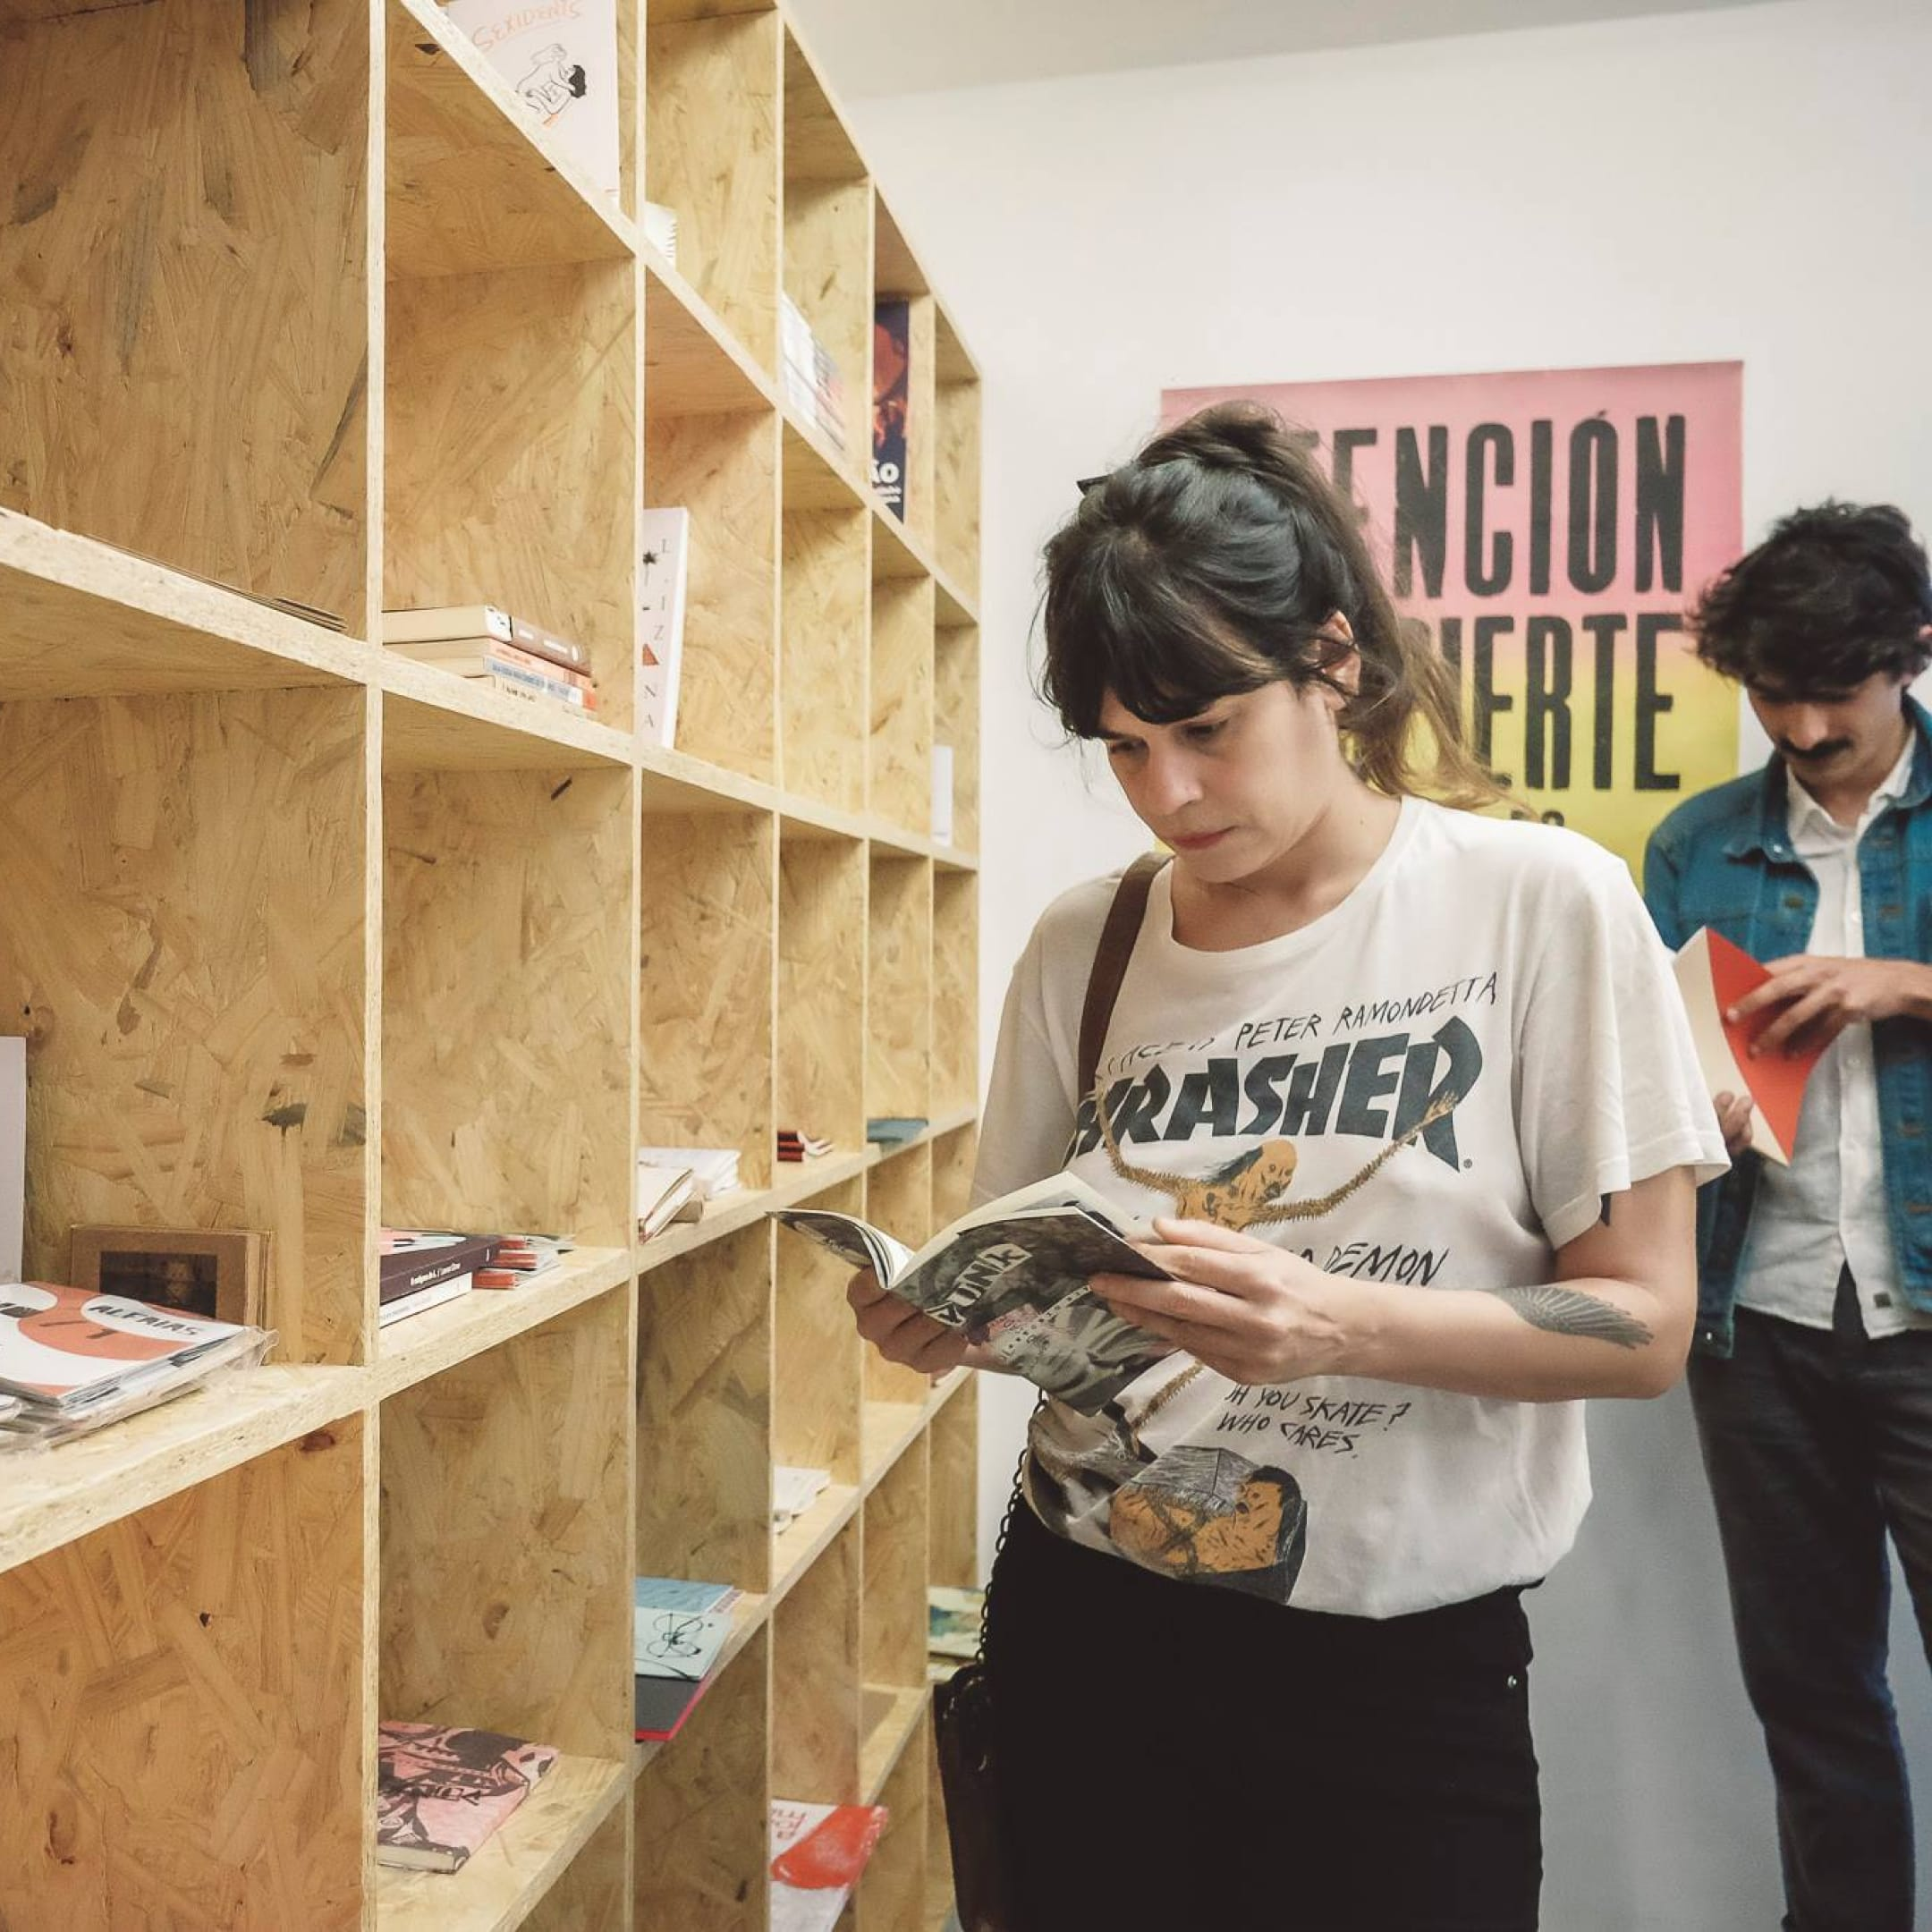 Книжный магазин Sala Tatuí в Сан-Паулу, Бразилия. Источник: фейсбук-страница магазина